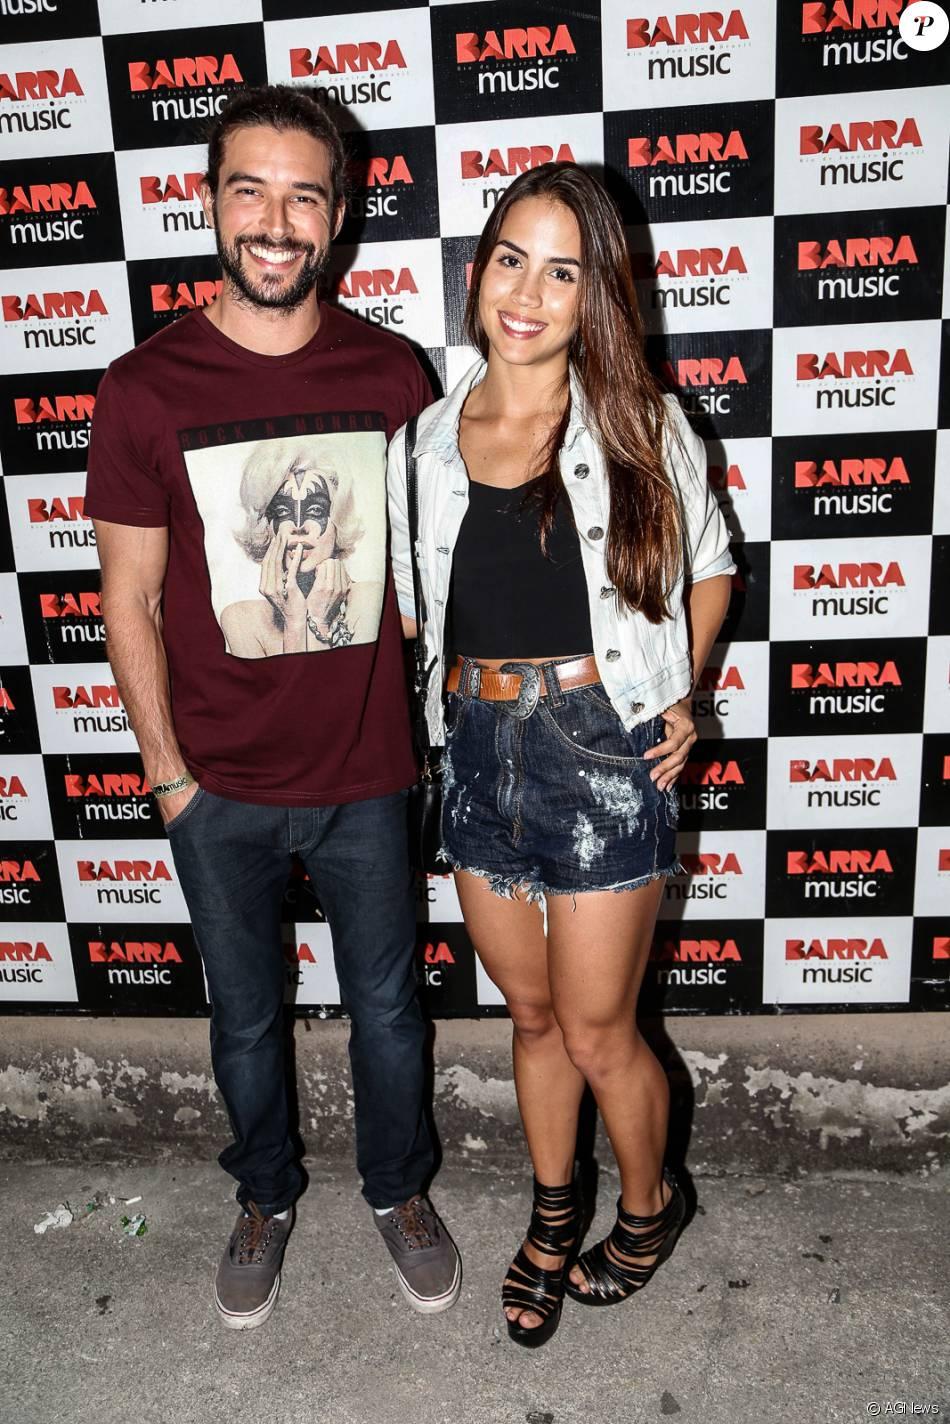 Pérola Faria e Bernardo Velasco vão juntos ao lançamento da turnê de Anitta e assumem o romance: 'Estamos ficando e felizes'